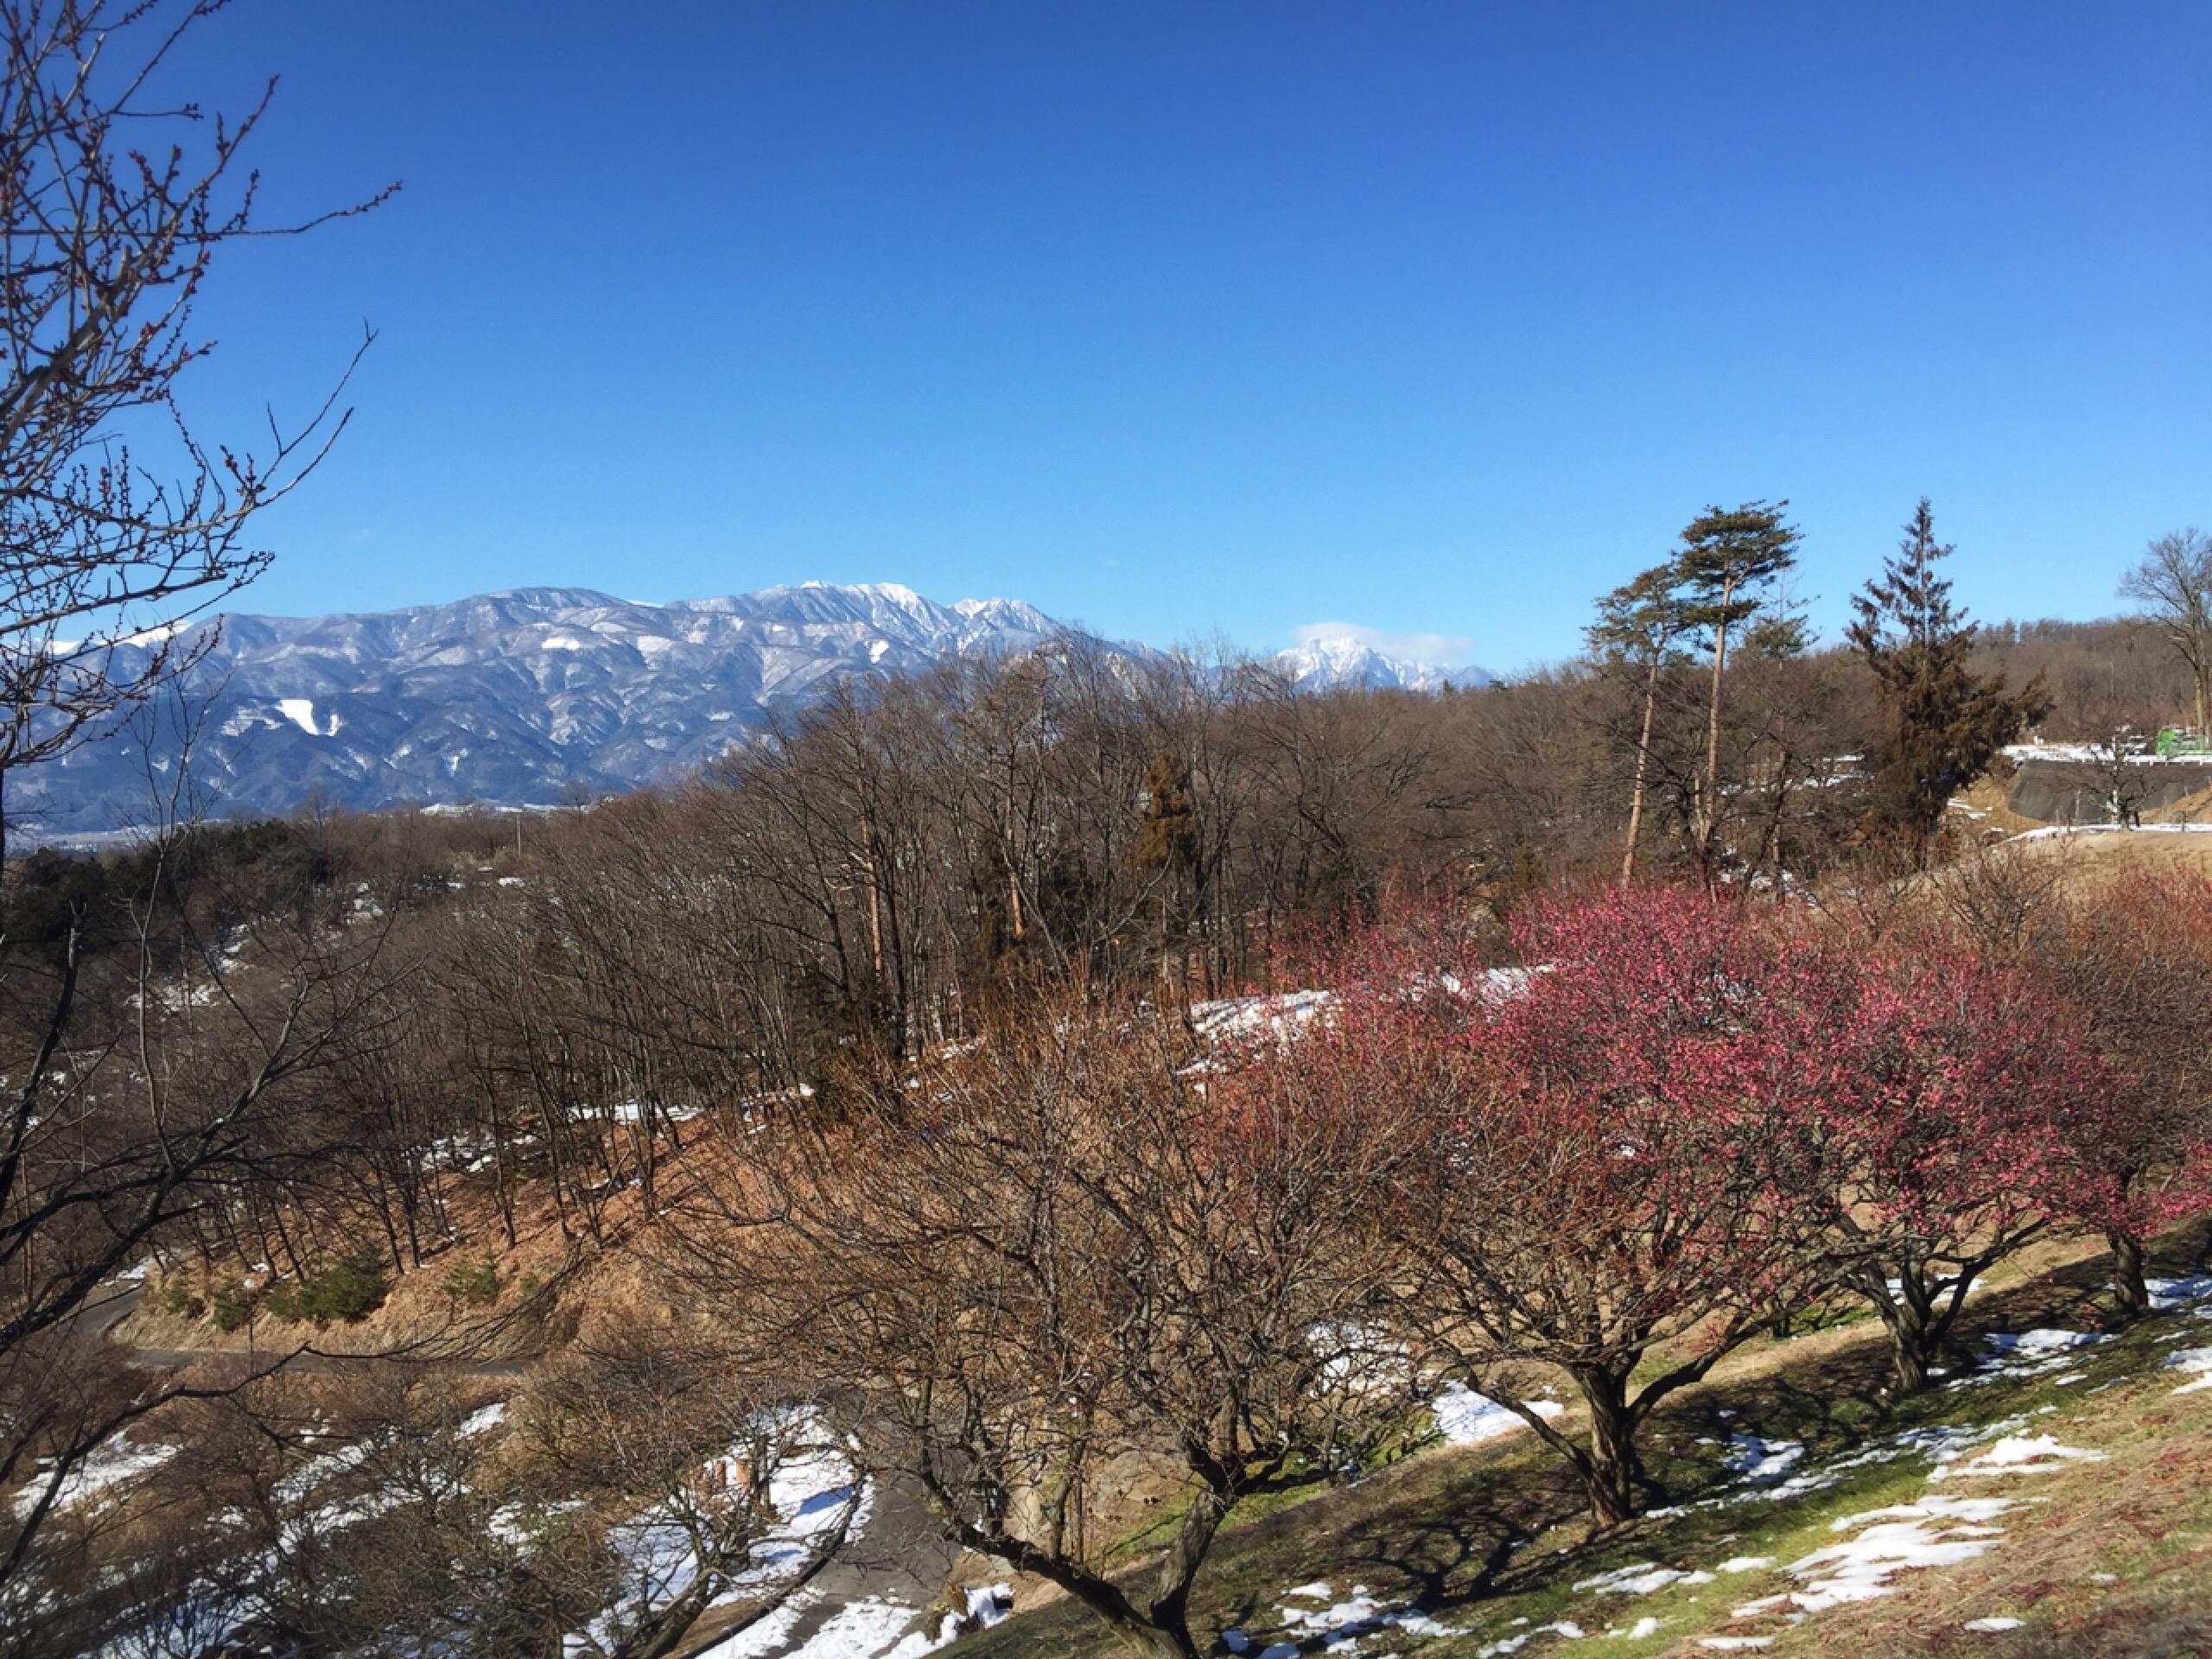 寒さに負けずに咲く梅の花(甲斐敷島・梅の里)